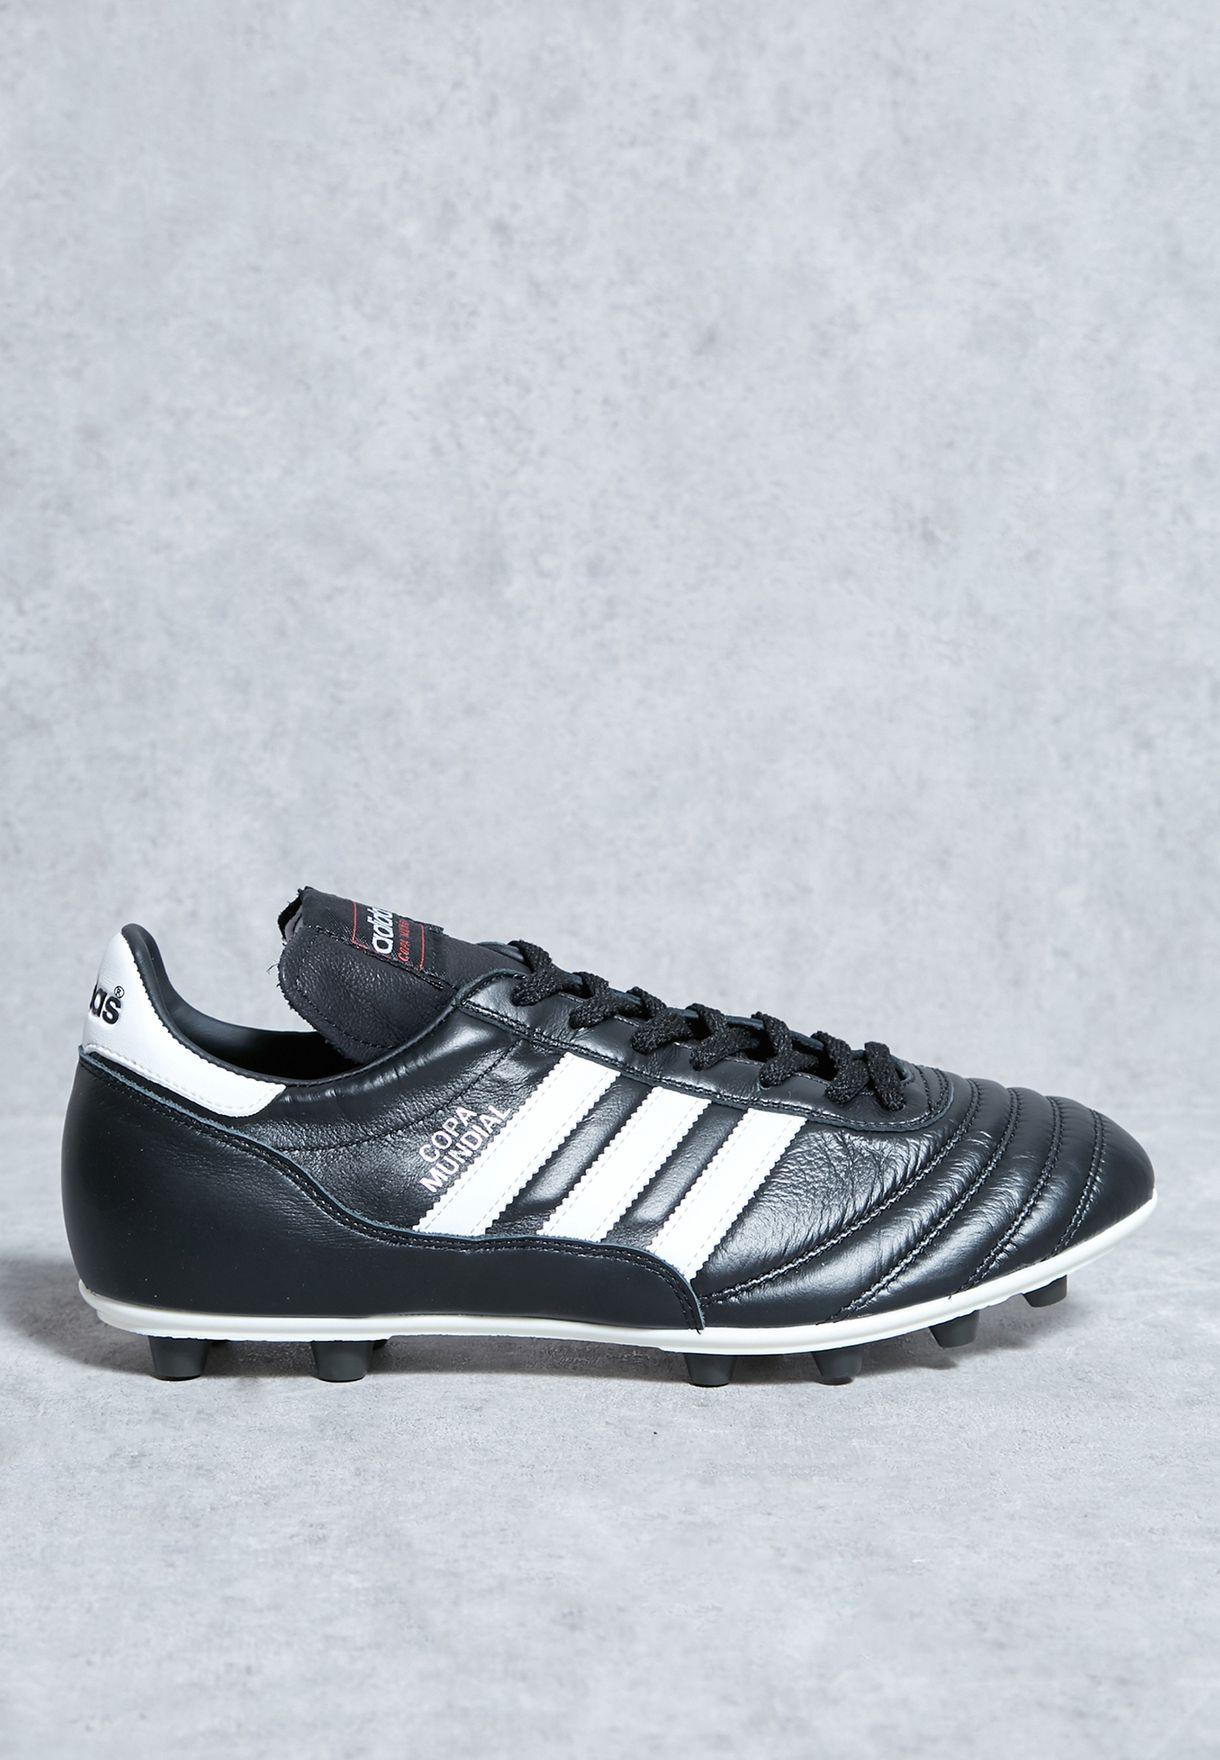 470e4ea63 تسوق حذاء كوبا مونديال ماركة اديداس لون أسود 15110 في السعودية ...